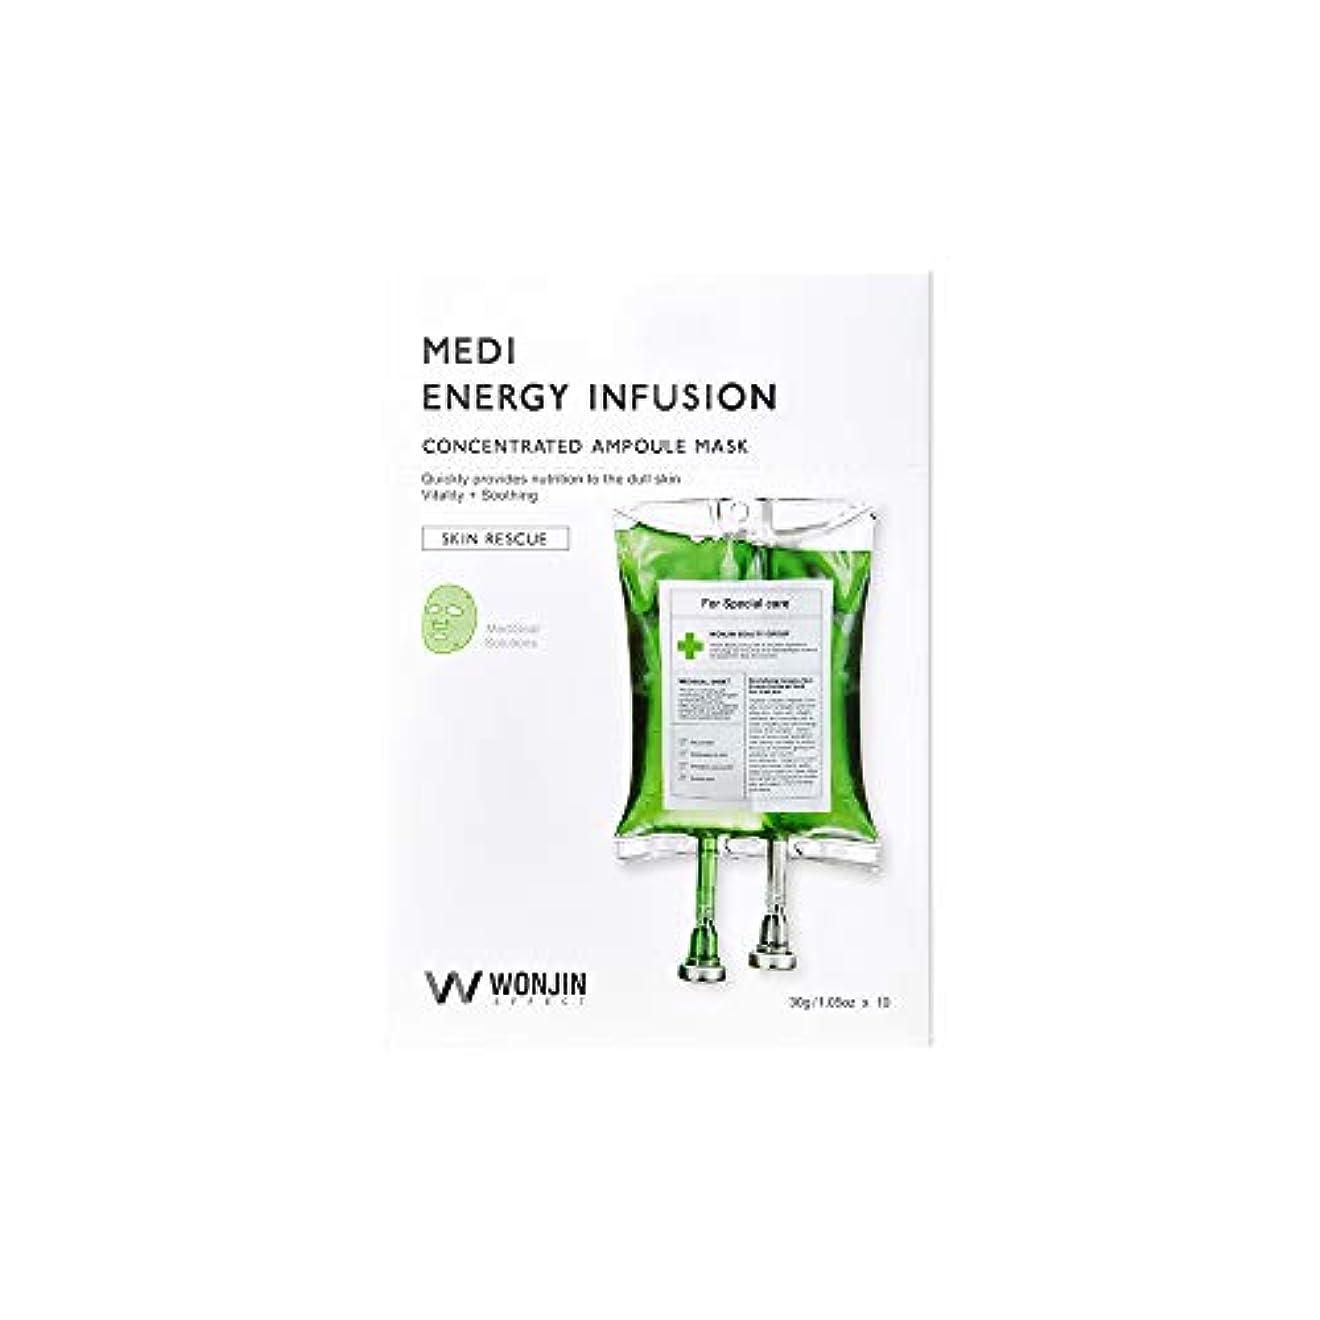 マウント祭りシールド[WONJIN EFFECT] メディア エネルギー インフュージョン マスク MEDI ENERGY INFUSION MASK 10EA [